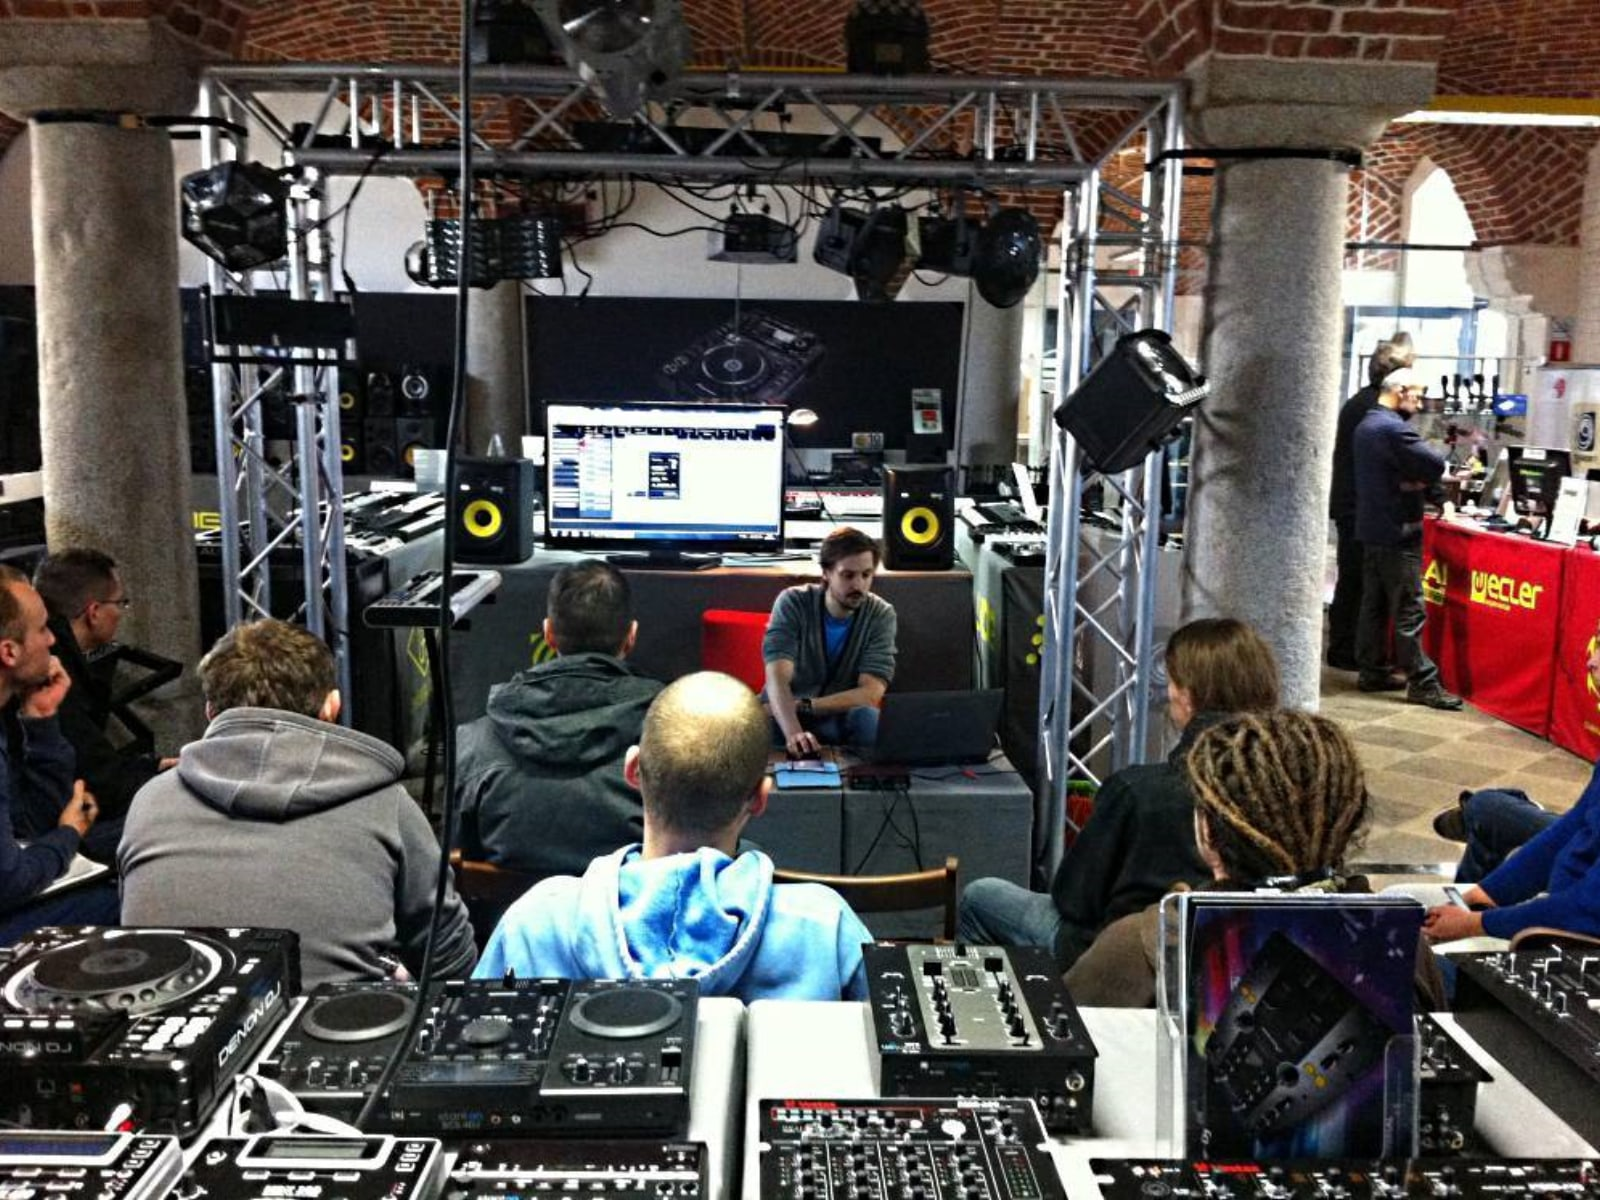 Warsztaty Cubase tips&tricks - DJ Shop Wrocław, 2013